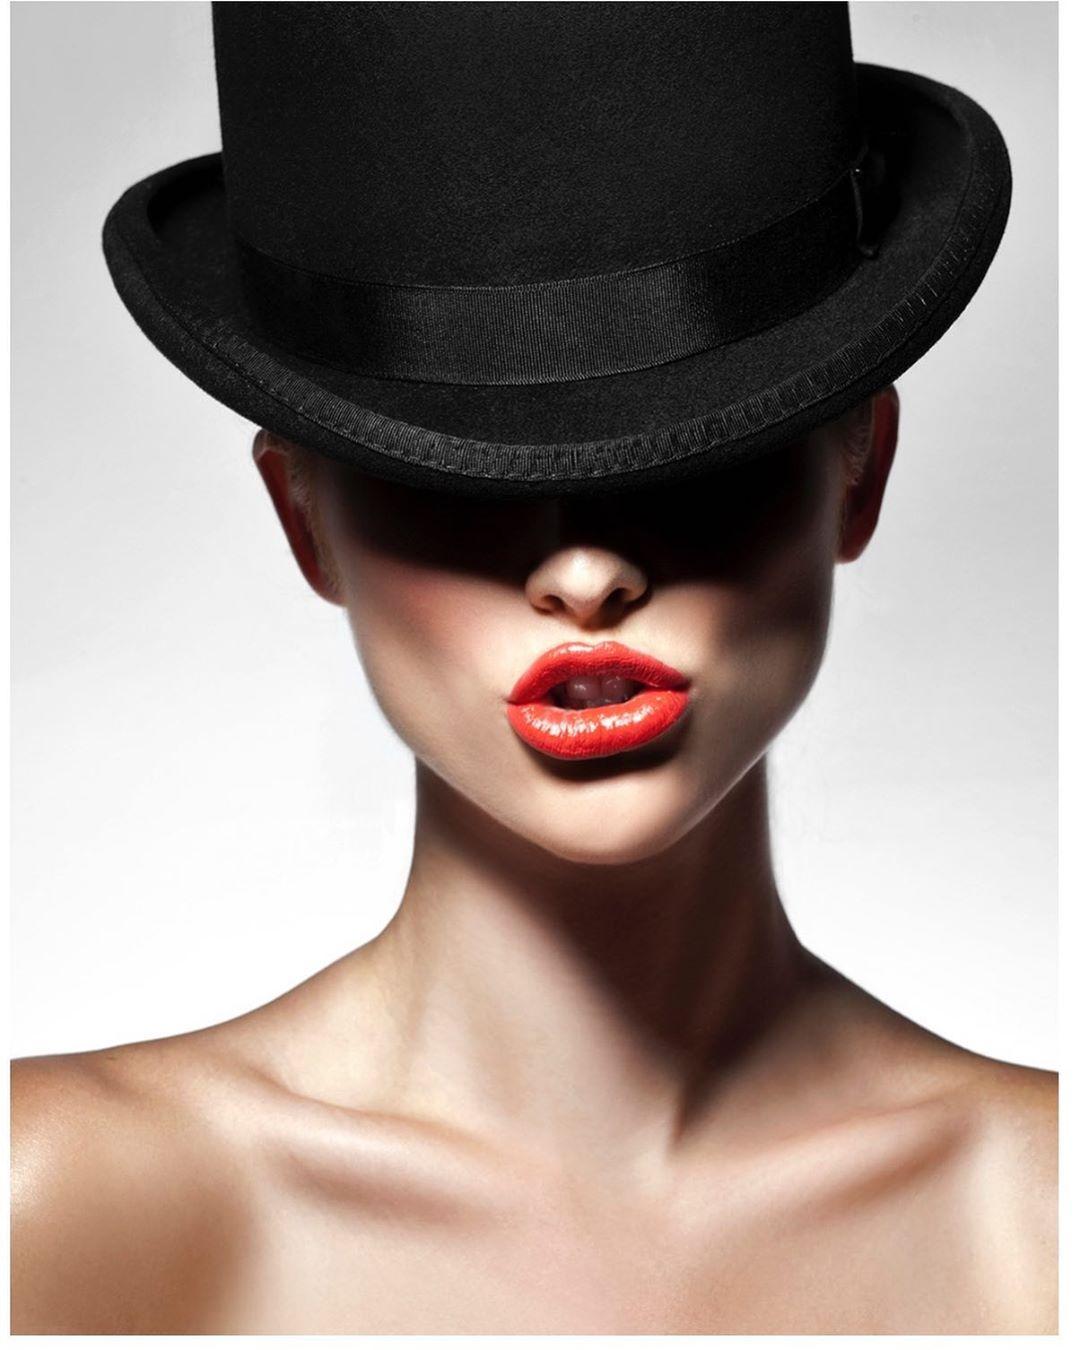 DeShawn Hatcher makeup example #3